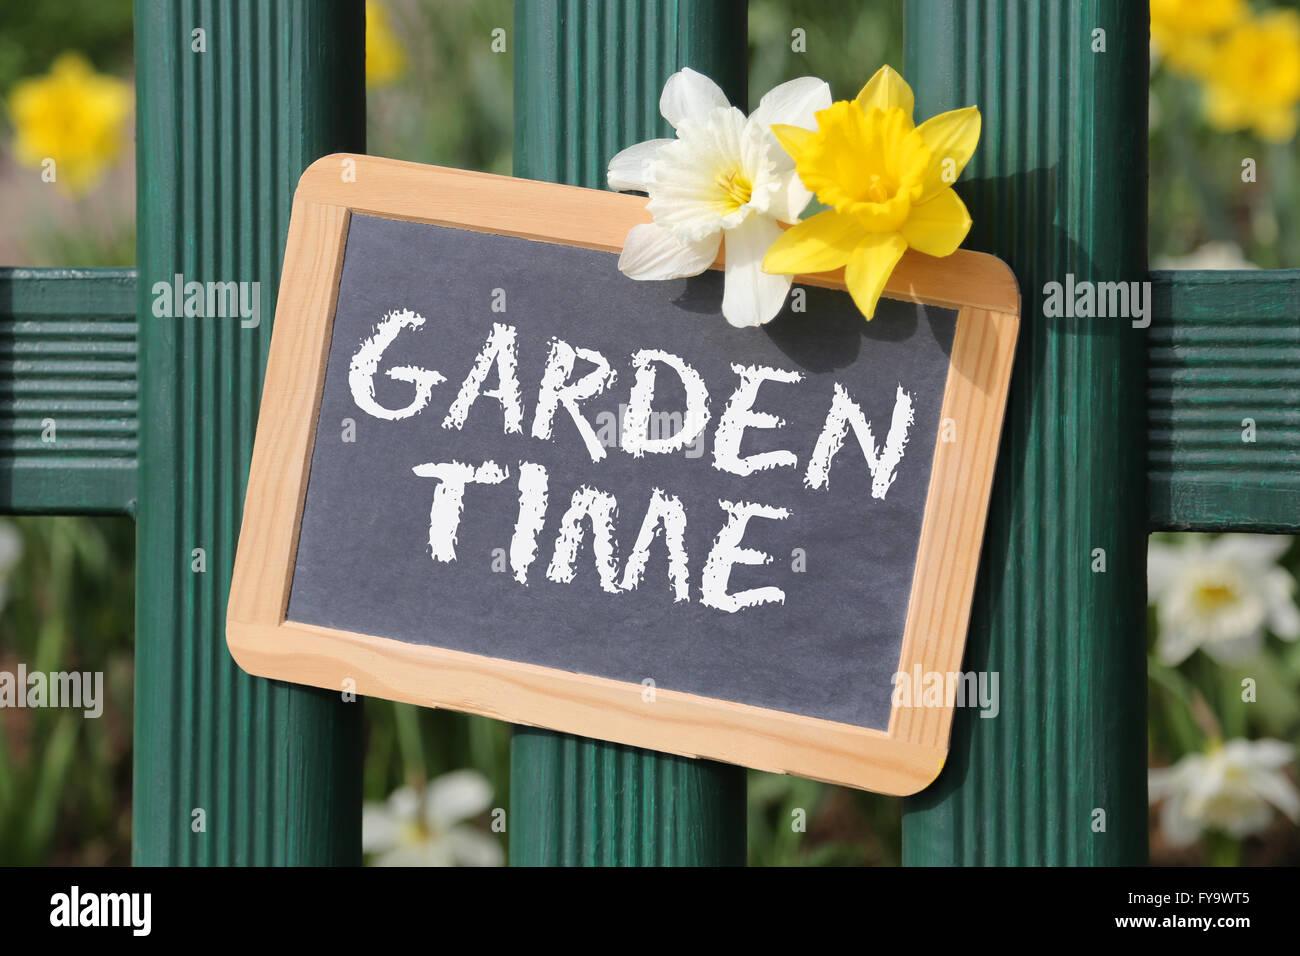 Tempo di giardino con fiori fiore primavera segno bordo sulla recinzione Immagini Stock